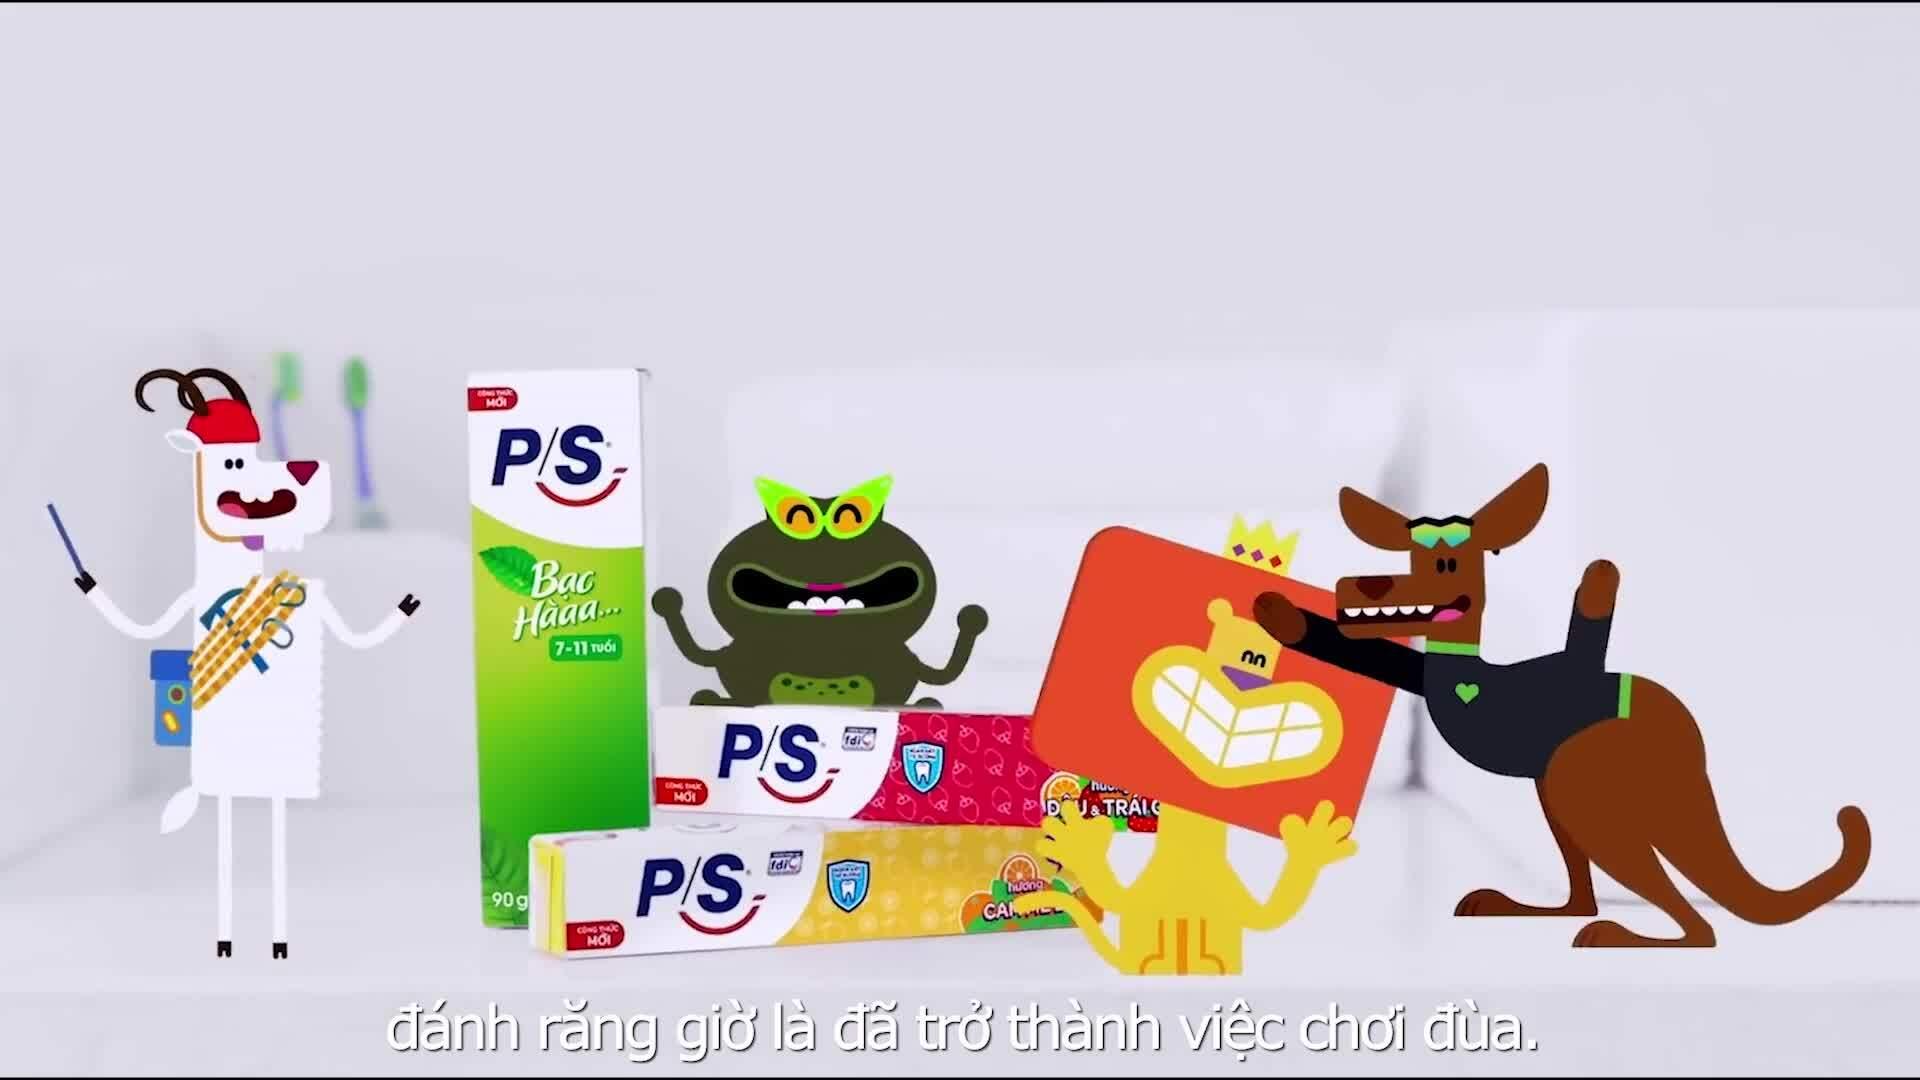 Unilever tiên phong chuyển đổi số trong tiếp thị